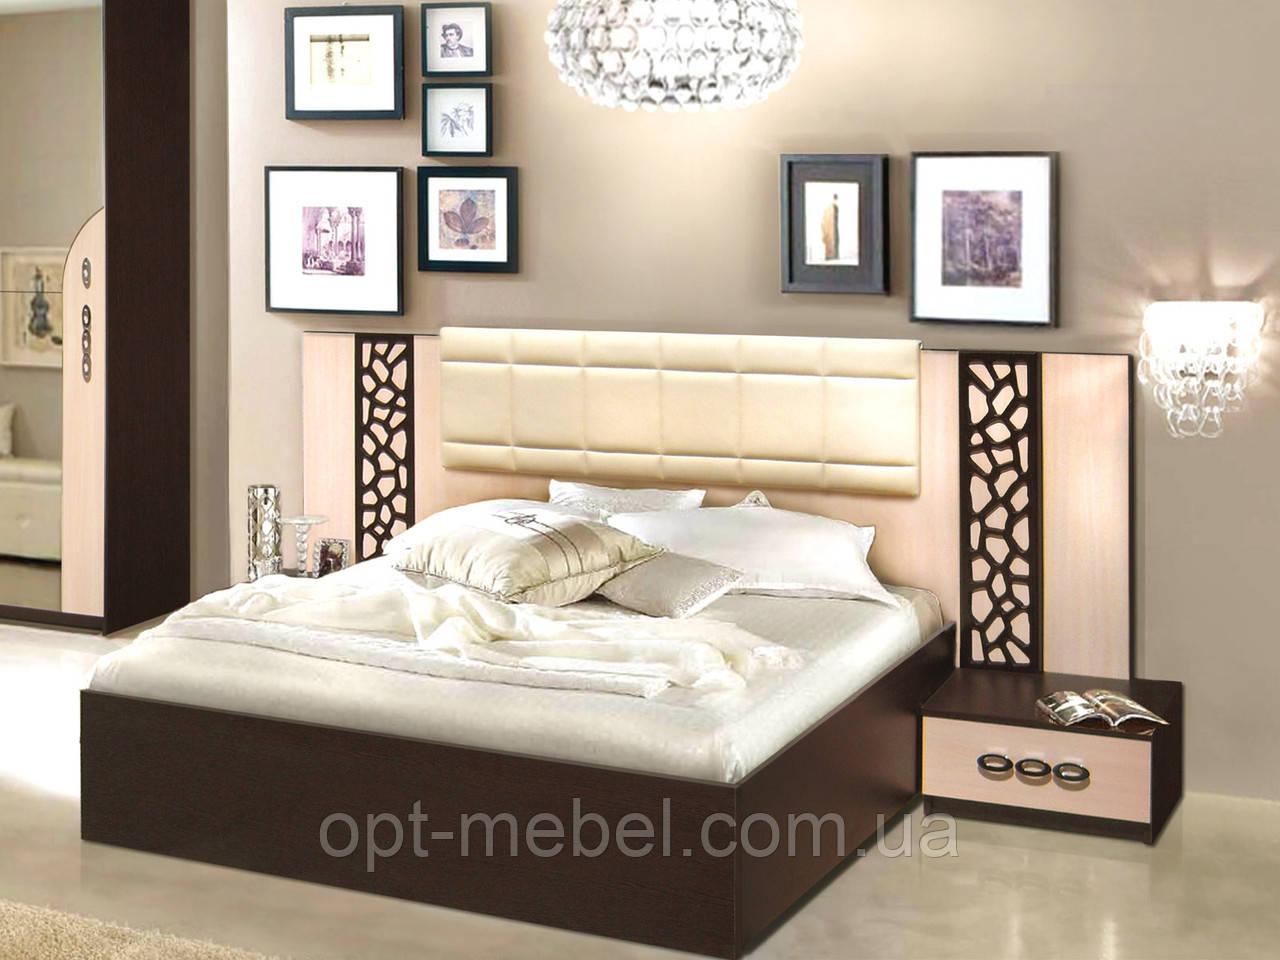 Кровать Селеста 1600 с тумбочками ( Мастер Форм )